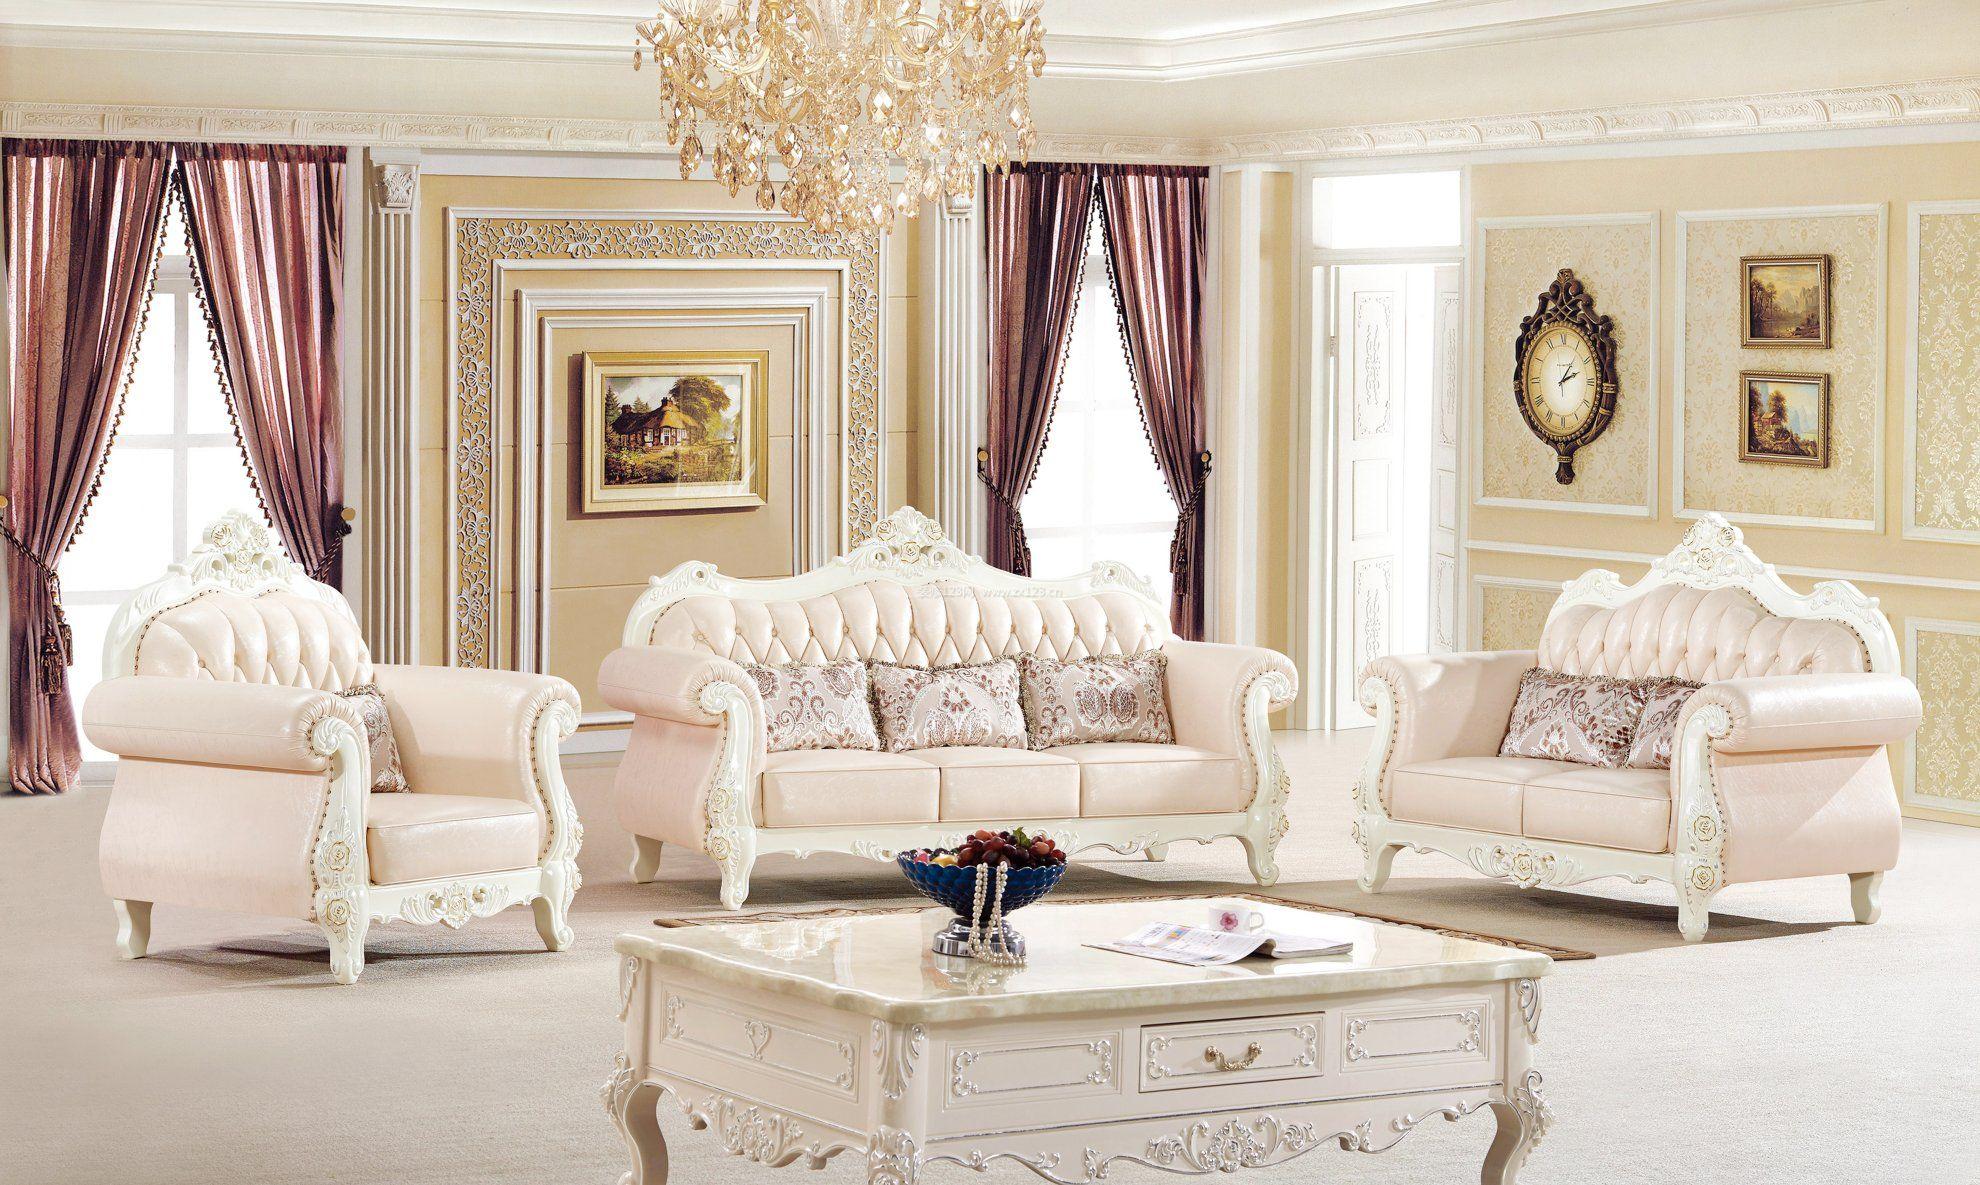 2018欧式沙发抱枕装饰效果图片图片